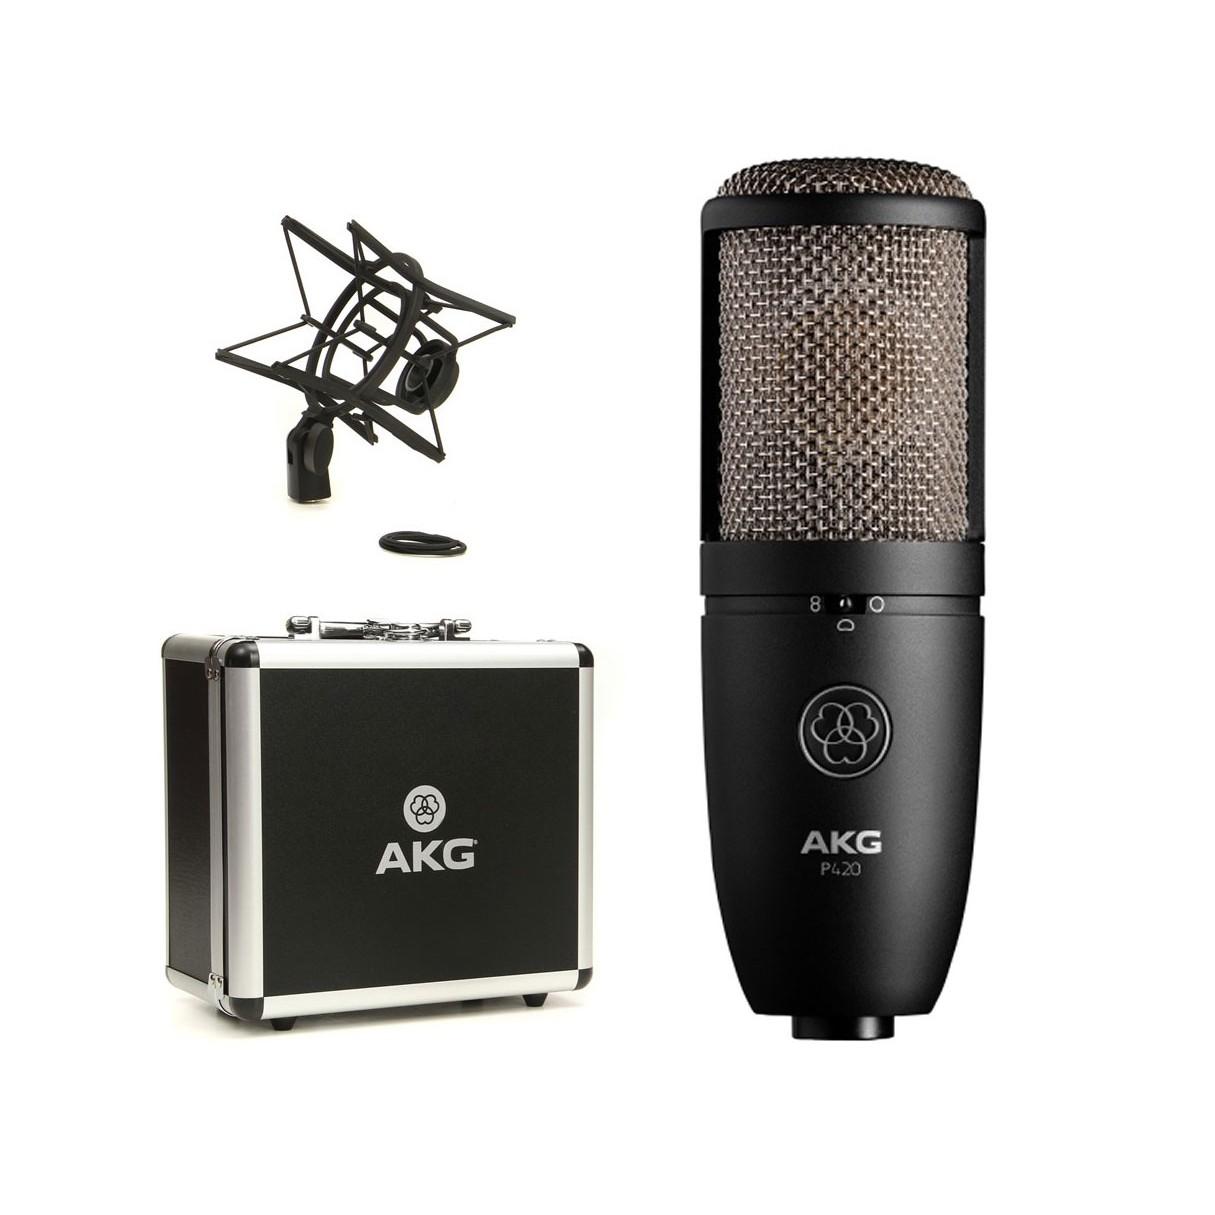 mic-thu-am-akg-p420-2